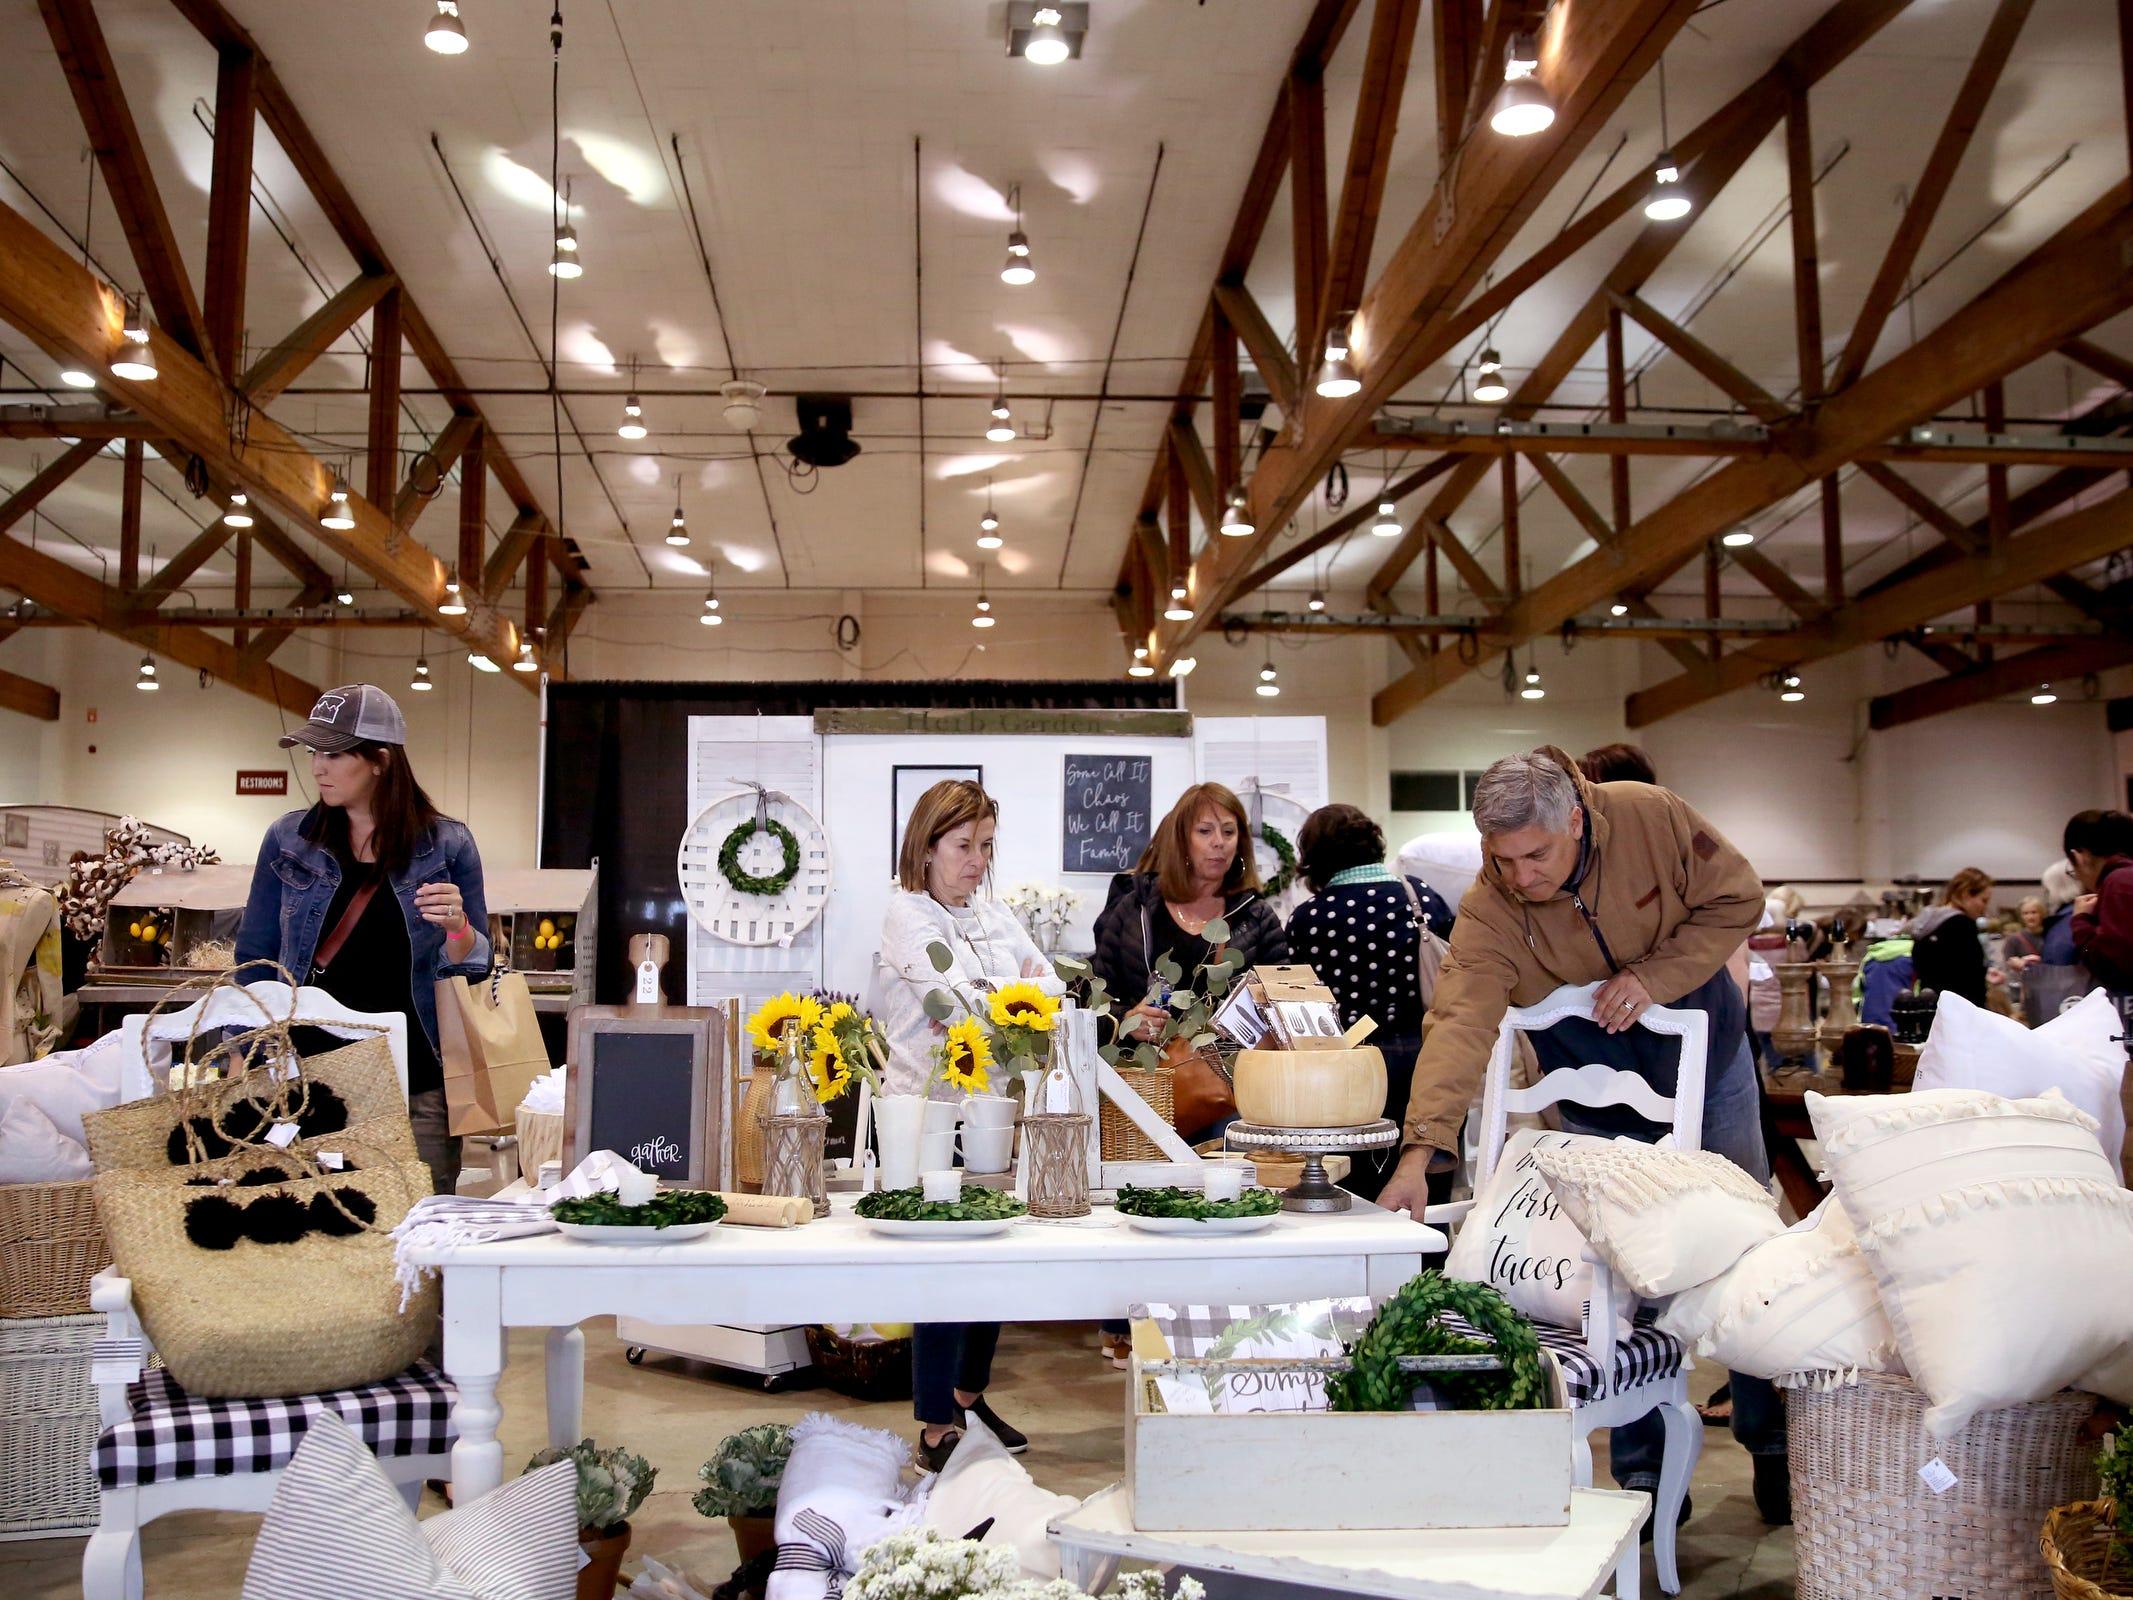 Hundreds attend The Great Junk Hunt, a traveling vintage market, at the Oregon State Fairgrounds in Salem on April 13, 2019.